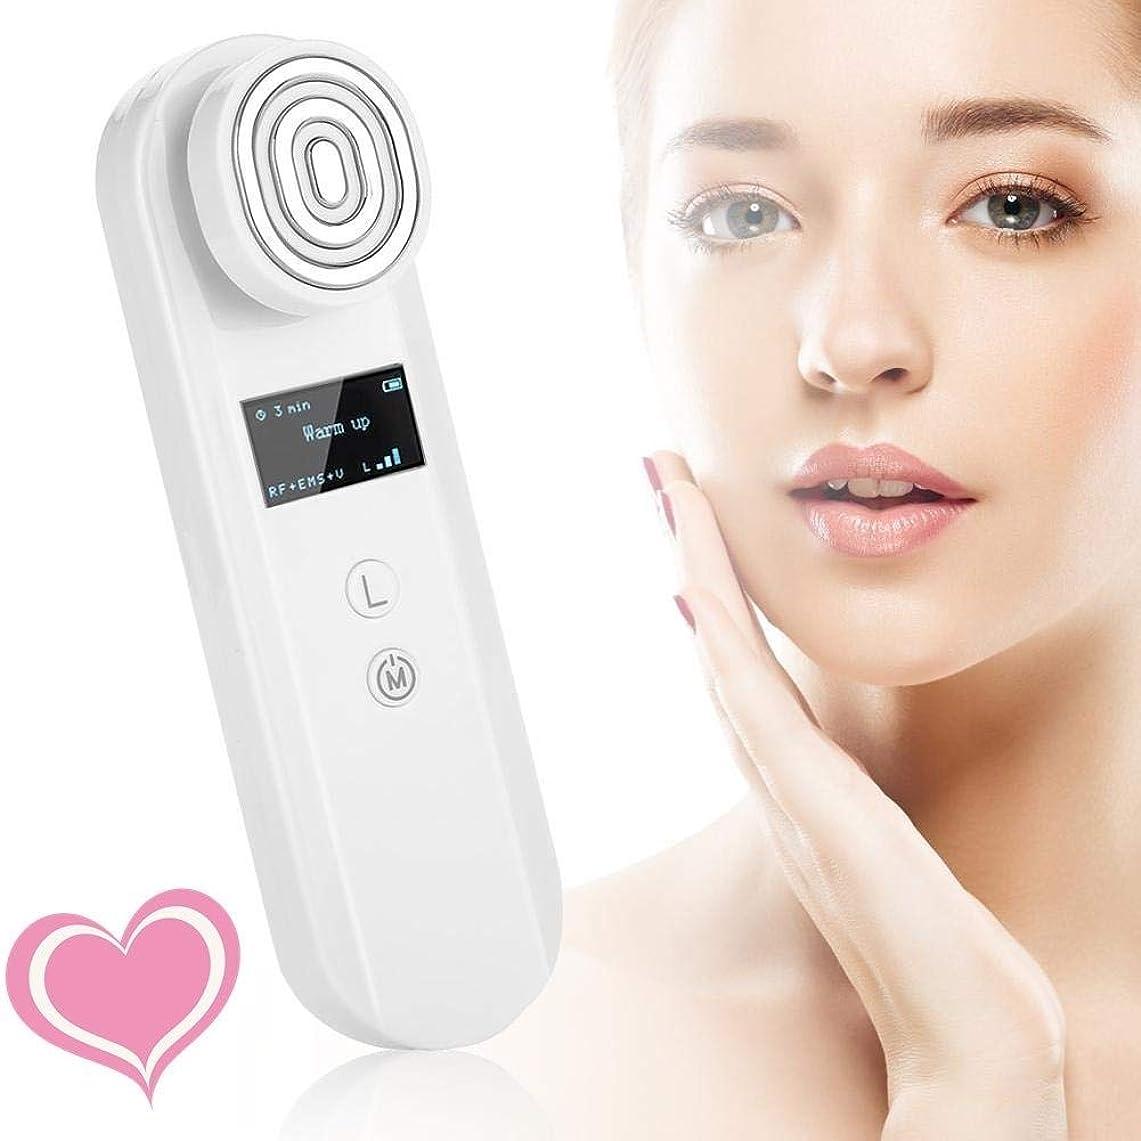 過剰年齢ベーコンソニックフェイシャルマッサージ装置のRF理学療法顔美容機器、美容機器しわ除去アンチエイジング、肌のマッサージツール、リフトと企業肌を引き締めEMSスキン、ホーム&ビューティーサロンポータブル